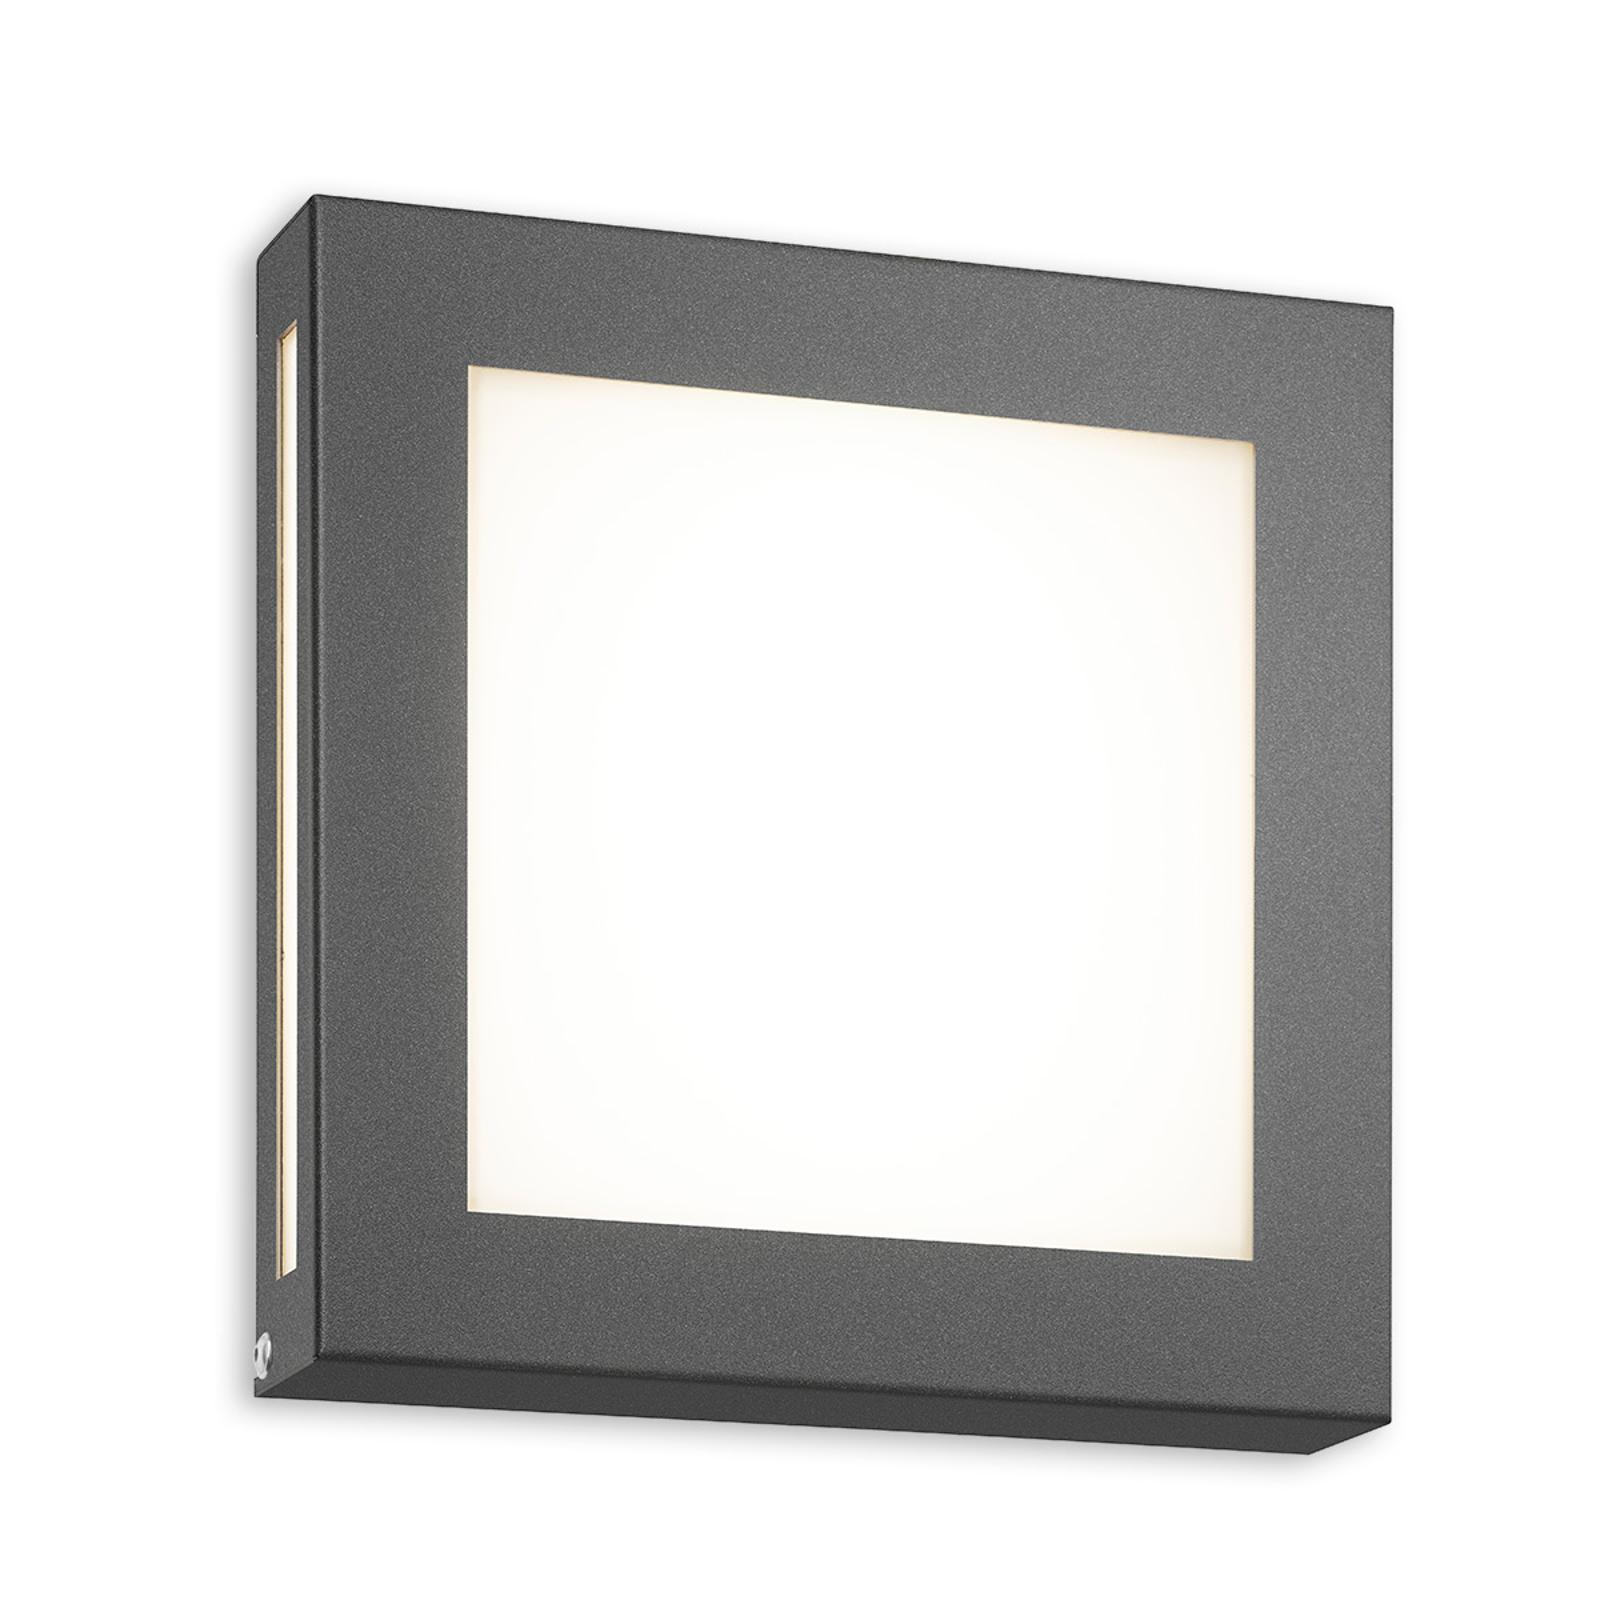 Antracytowy kinkiet zewnętrzny LED Legendo Mini